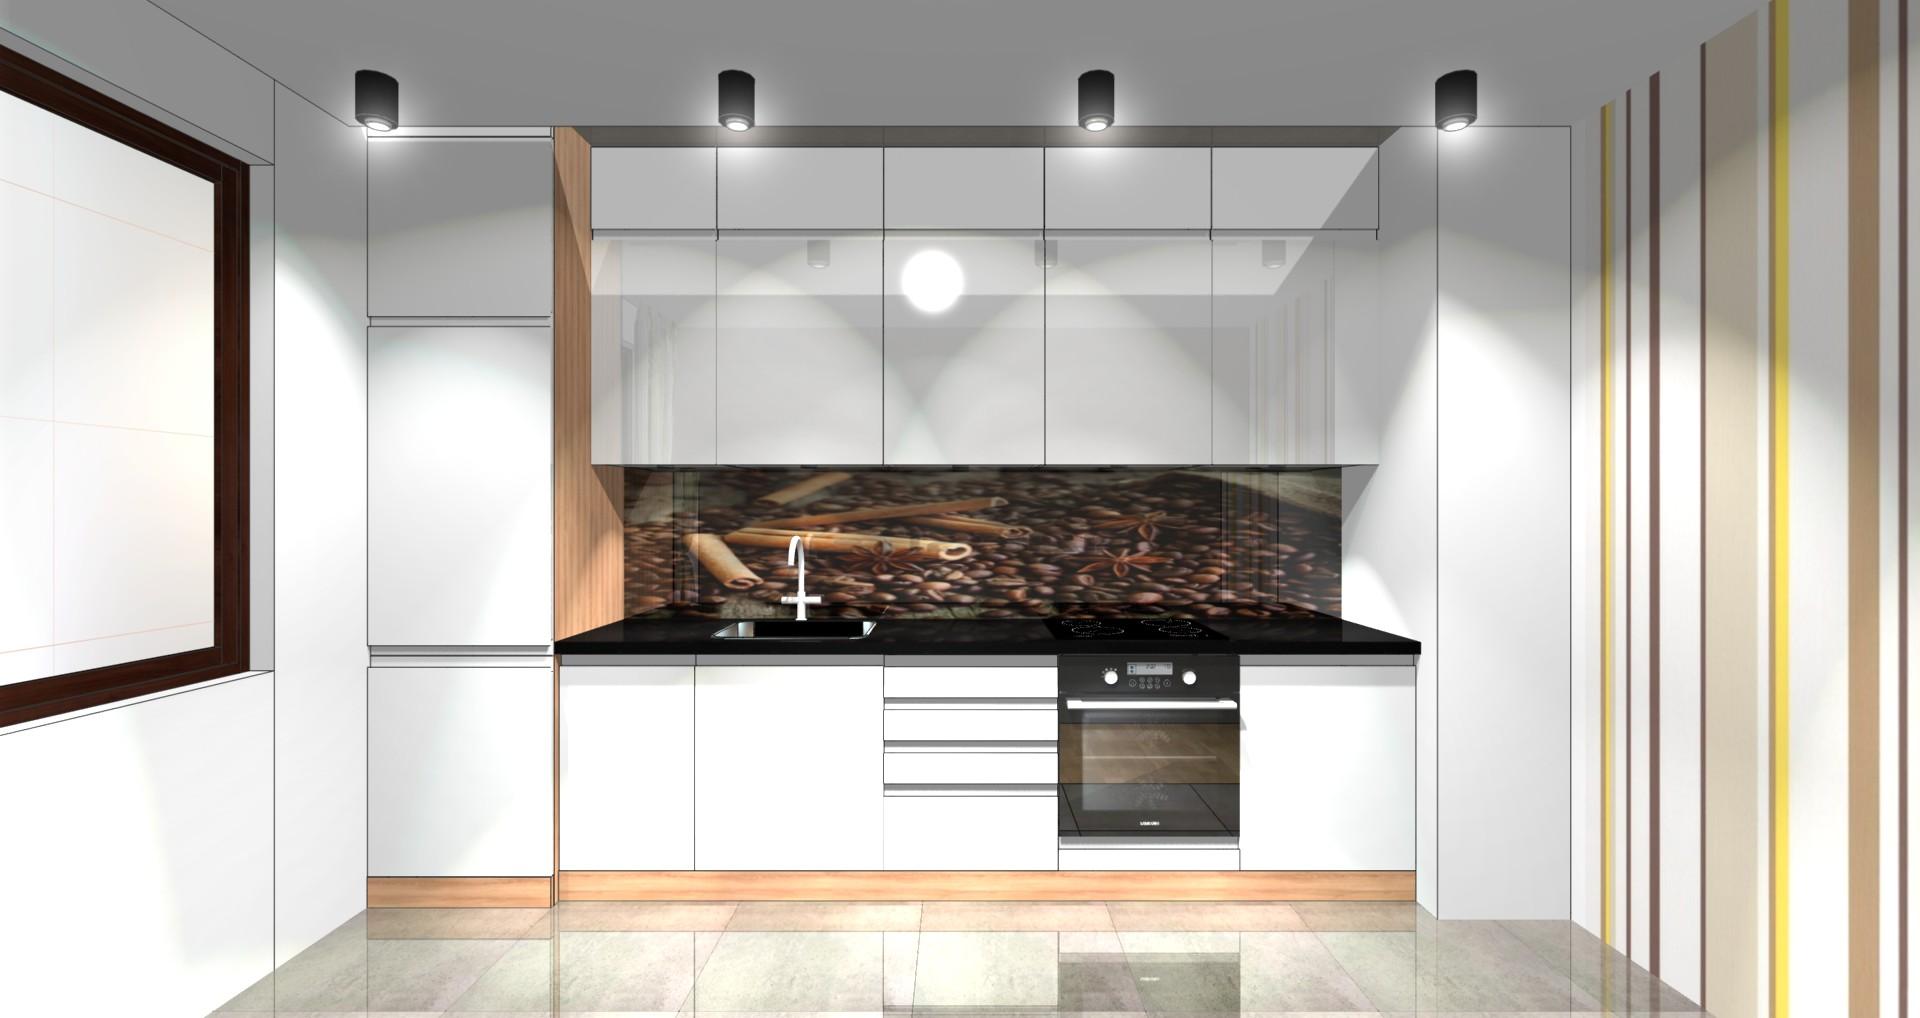 Projekty malych kuchni